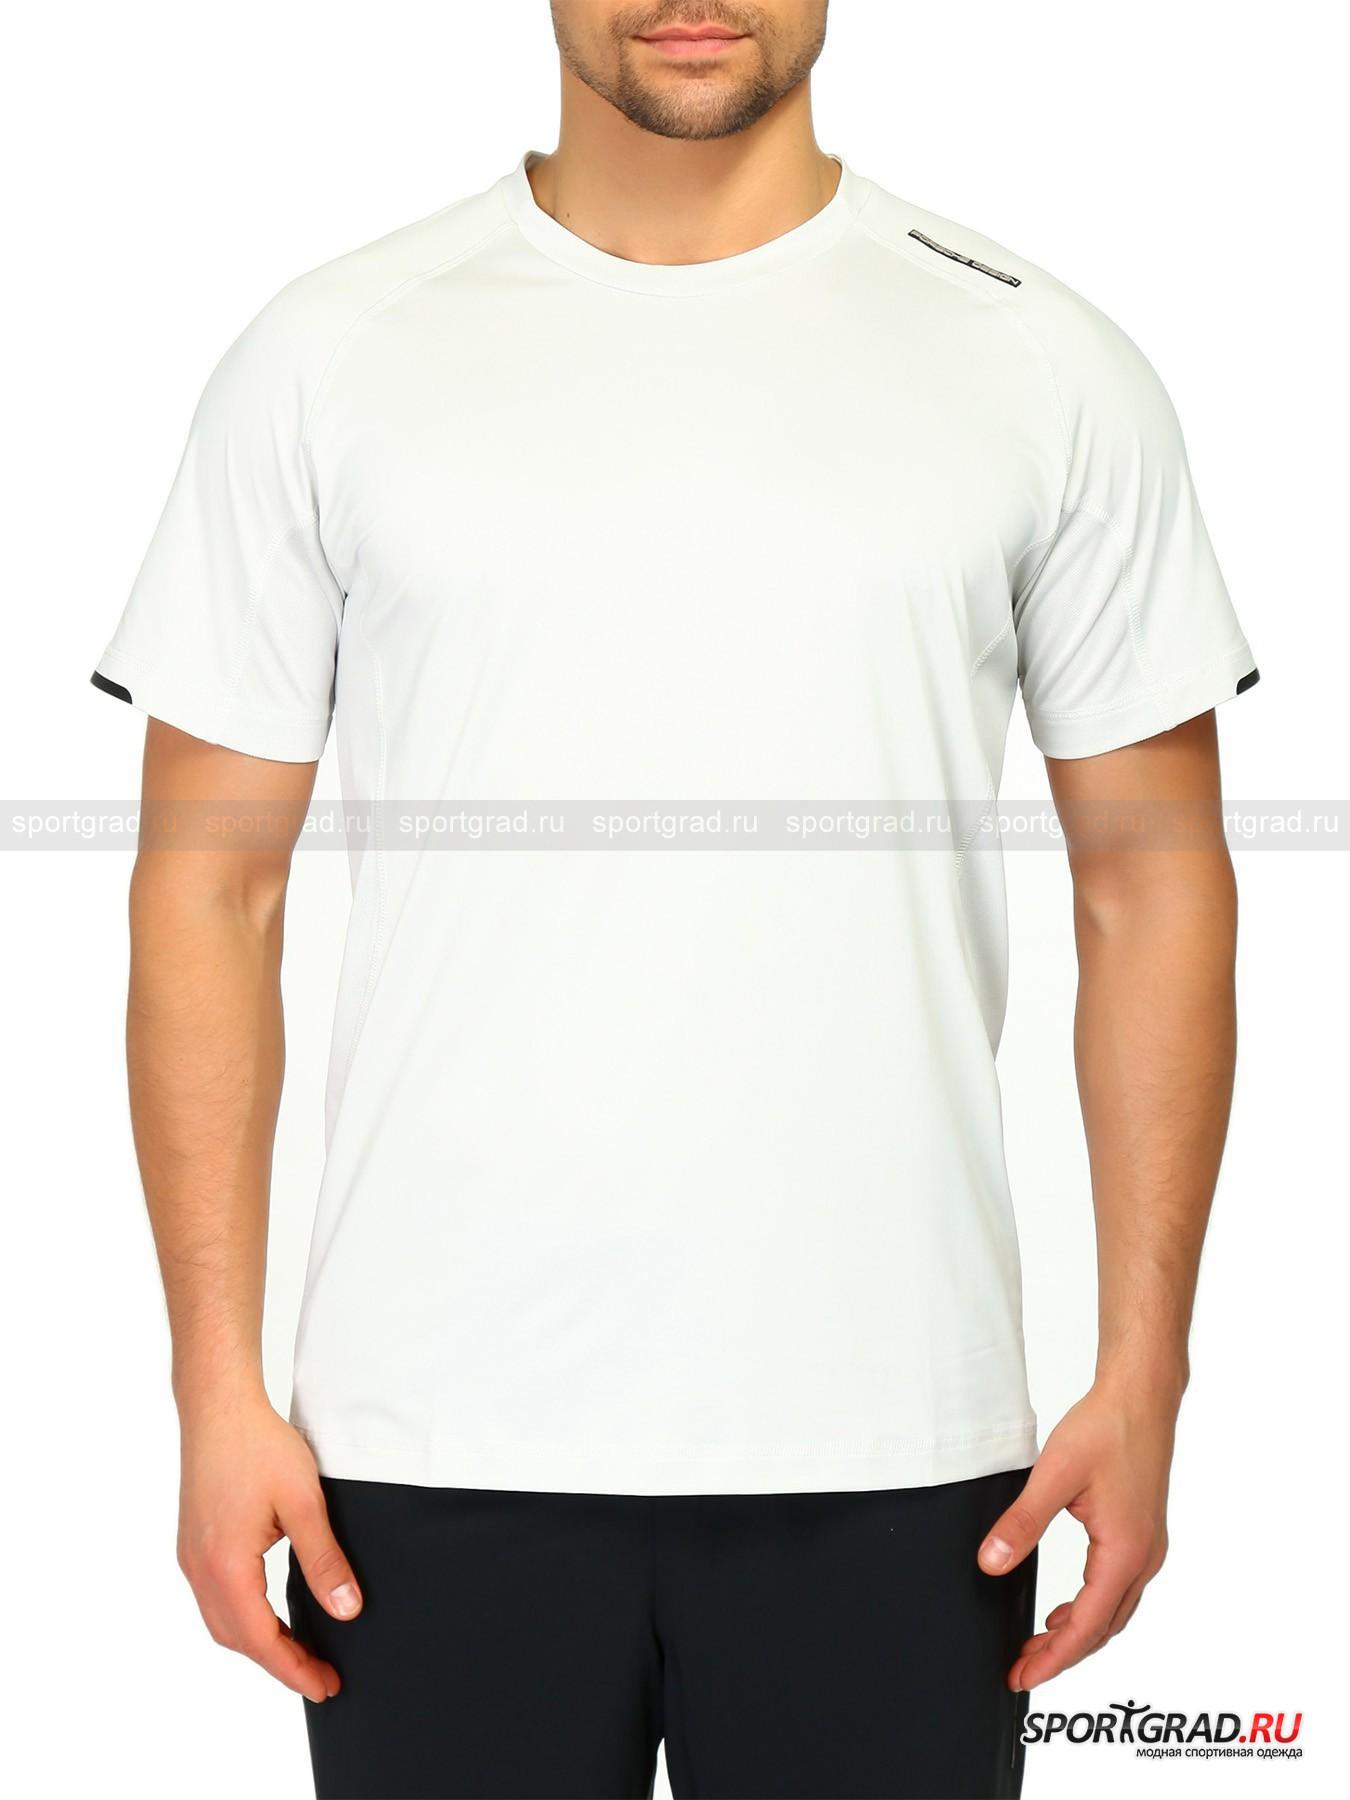 Футболка мужская M Active Tee PORSCHE DESIGNФутболки<br>Универсальная спортивная модель от PORSCHE DESIGN SPORT. В этой футболке можно будет как с комфортом тренироваться или путешествовать, так и использовать в качестве вещи повседневного гардероба. Она выполнена из лёгкой влагоотводящей ткани и дополнена вставками из быстросохнущей функциональной ткани CoolBest II, обеспечивающей усиленную вентиляцию и интенсивное потоотведение. <br>Футболка имеет:<br>- сложный анатомический крой<br>- рукава типа реглан;<br>- сглаженные антиабразивные швы;<br>- стильные принты на рукавах и спине;<br>- особую мягкую отделку горловины.<br><br>Пол: Мужской<br>Возраст: Взрослый<br>Тип: Футболки<br>Рекомендации по уходу: Деликатная ручная стирка при температуре 30 градусов, щадящий ручной отжим, гладить при температуре до 110 градусов.<br>Состав: Основа: 91% полиэстер, 9% эластан; вставки: 100% полиэстер.